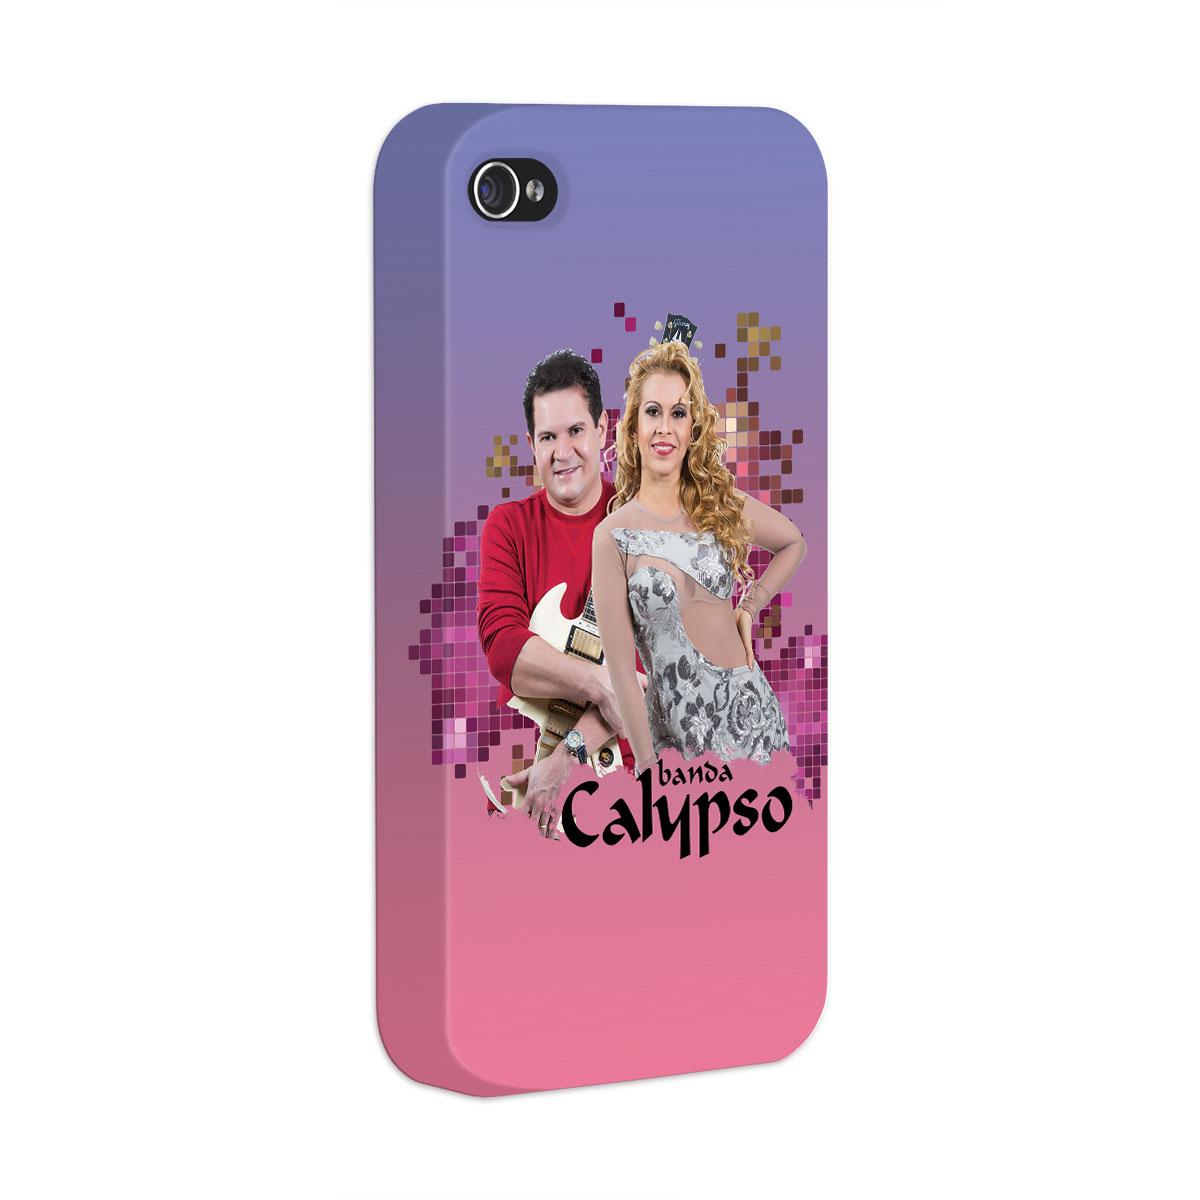 Capa de iPhone 4/4S Calypso Estrela do Meu Show